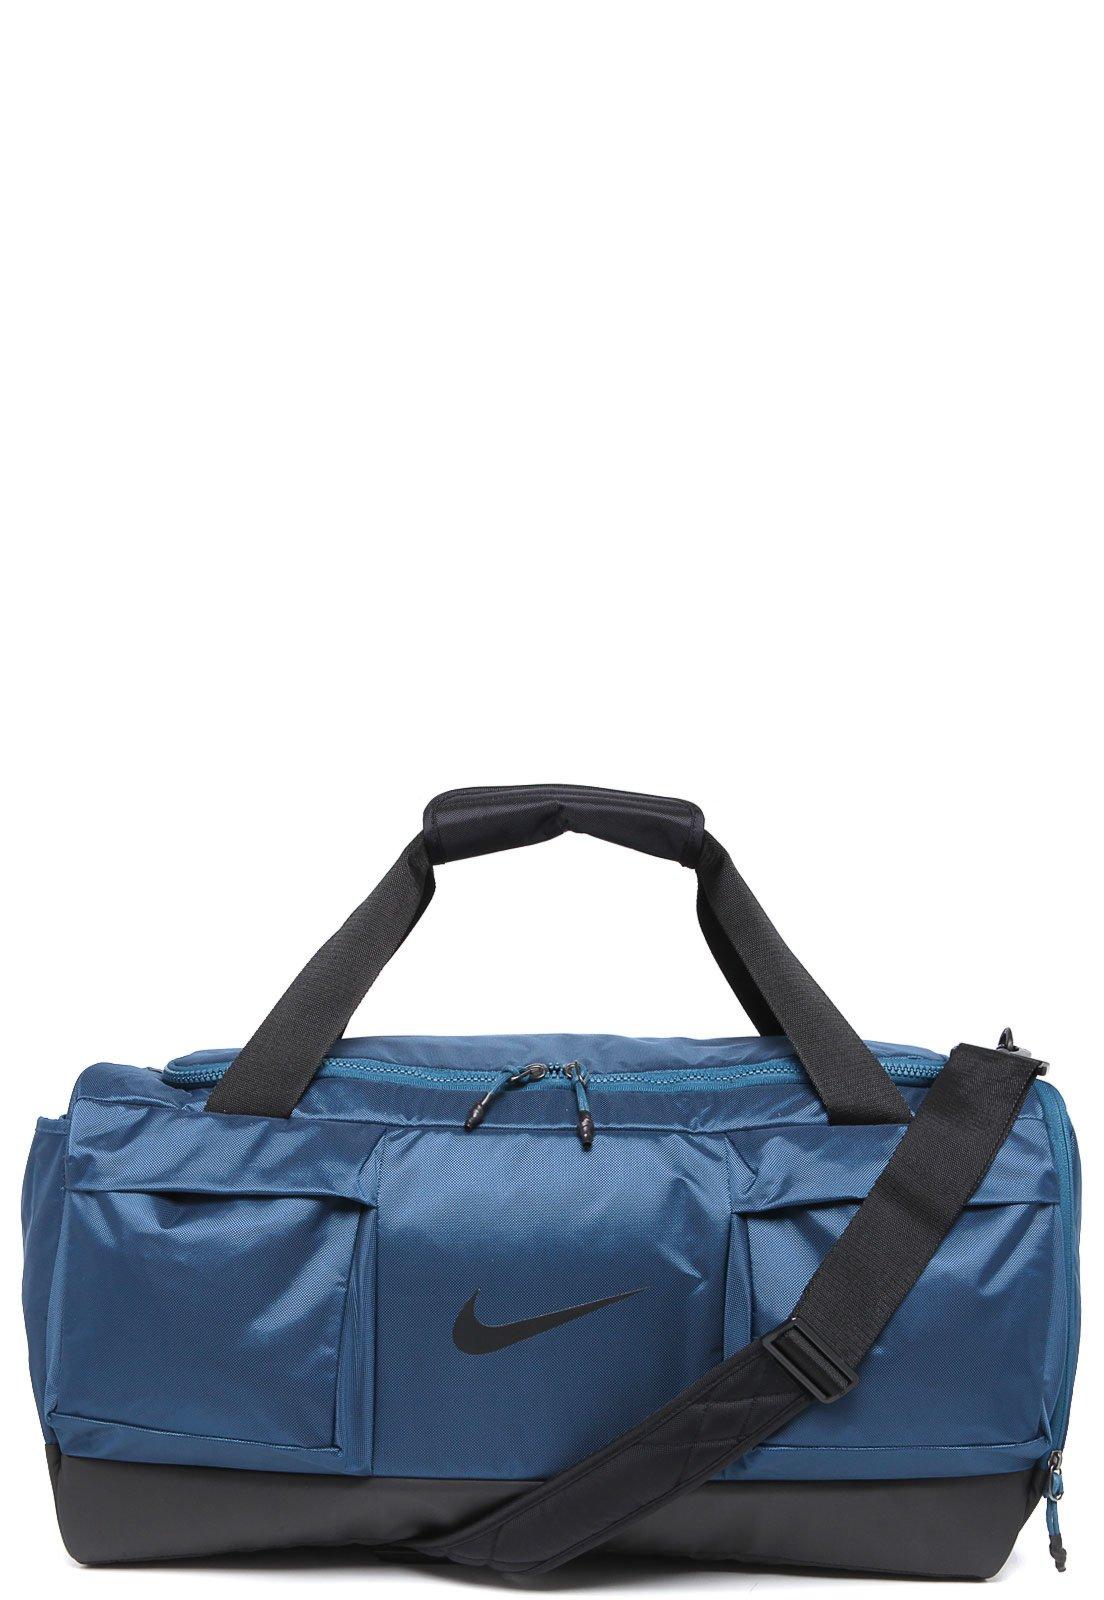 cirujano Autonomía Prevención  Bolsa Nike Vapor Power Azul - Compre Agora | Kanui Brasil